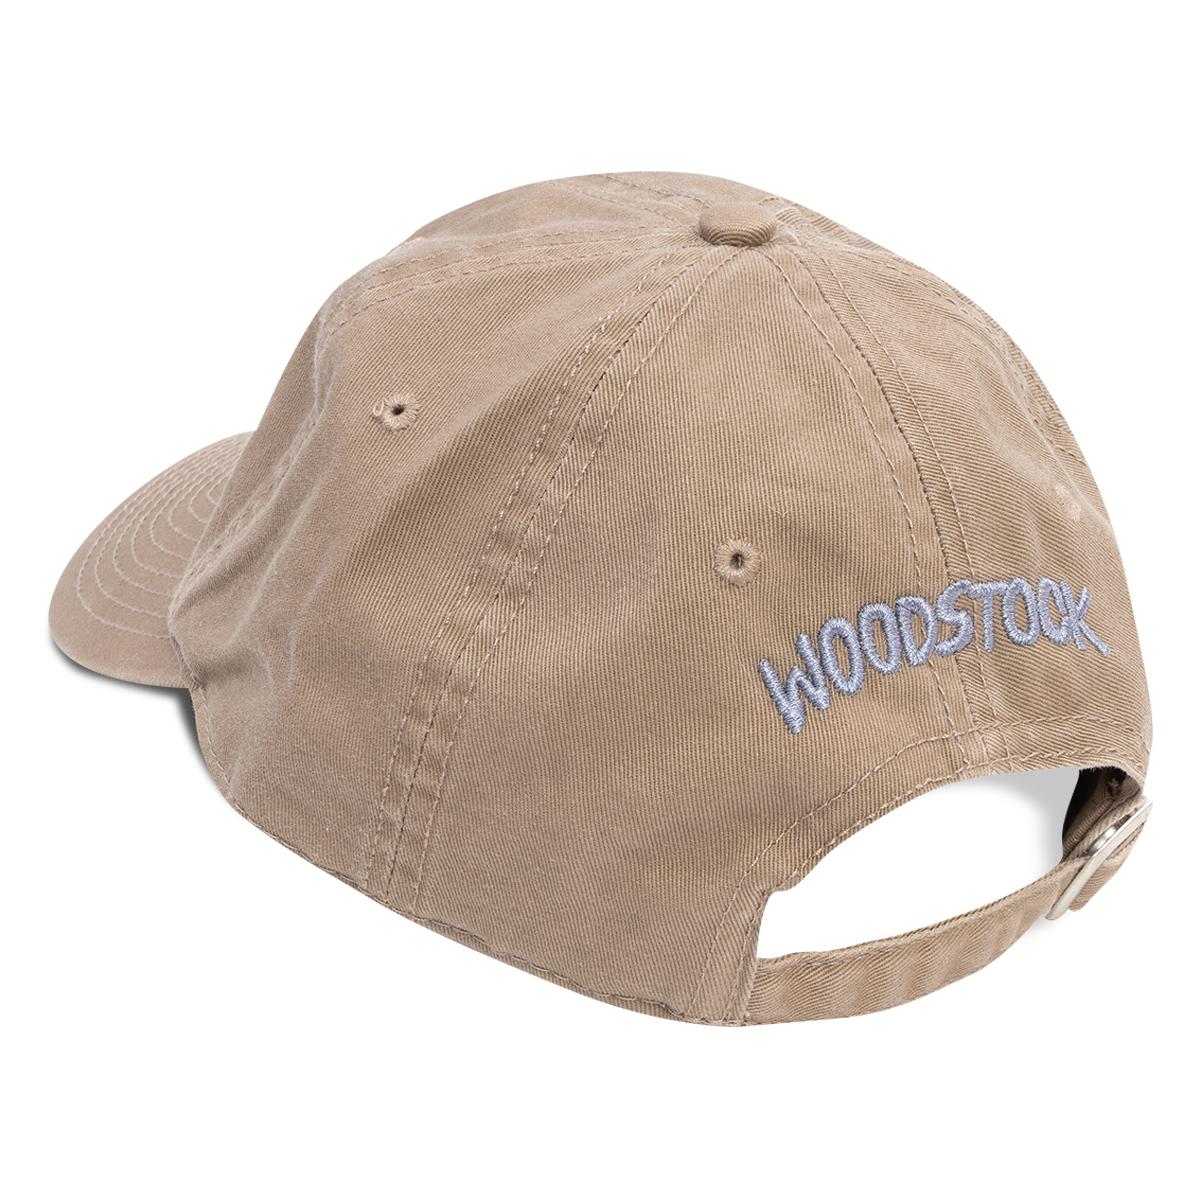 Woodstock 50th Anniversary Khaki Twill Cap